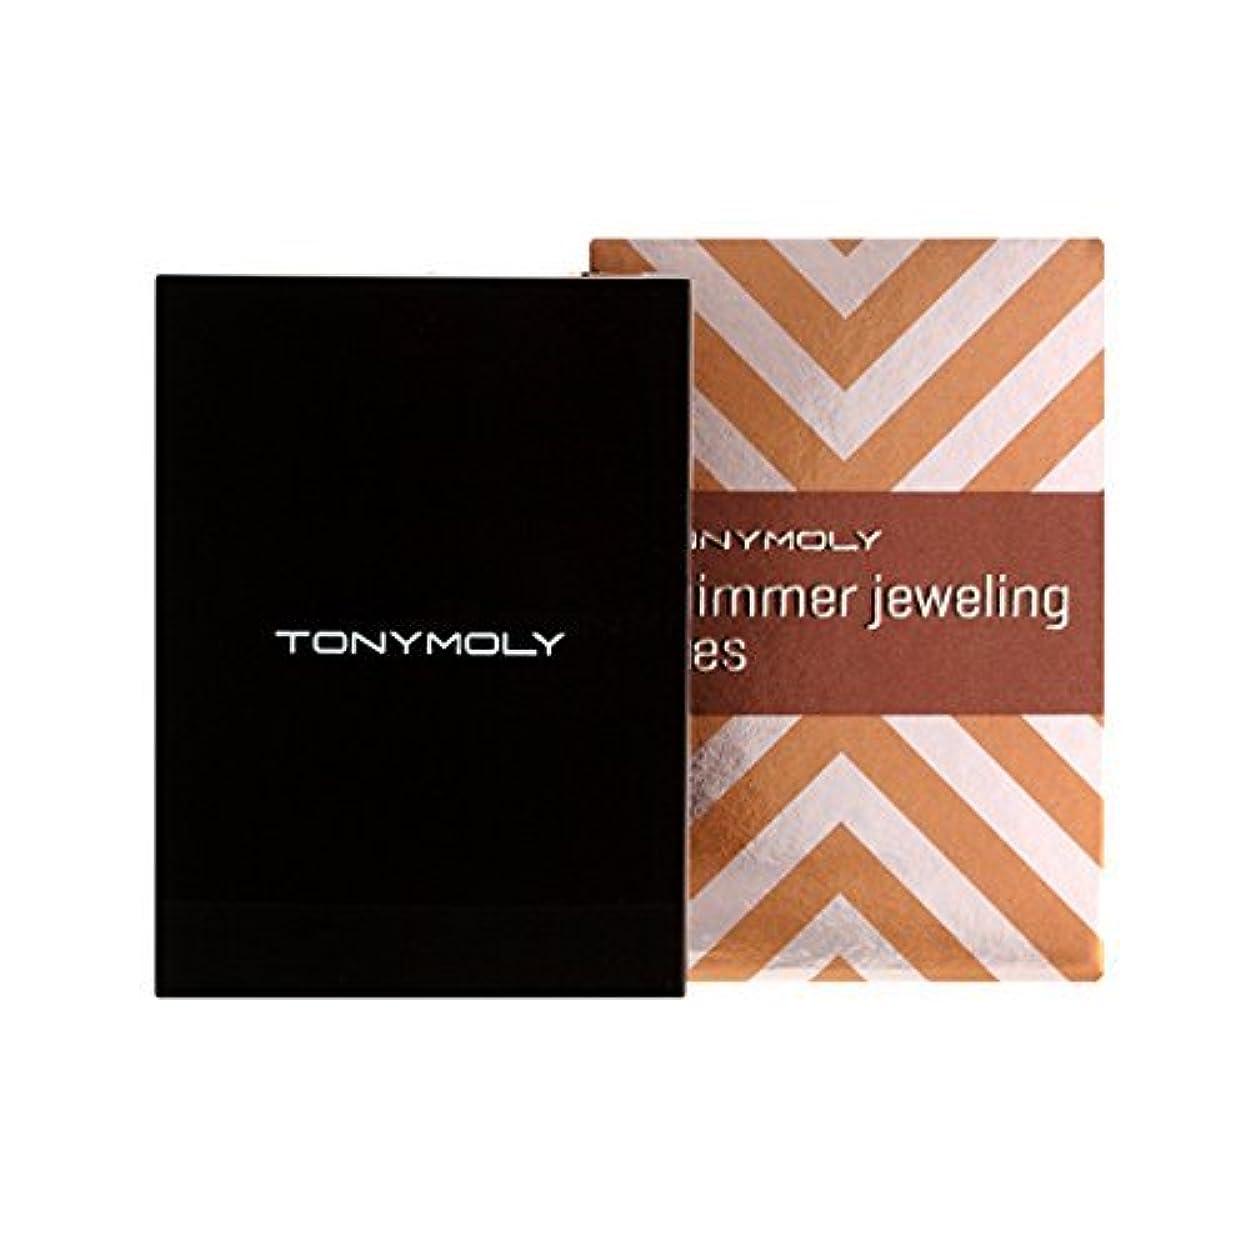 荒らす表現コモランマ[Tonymoly] トニーモリ Shimmer Jeweling Eyes 2.7g #01 Gold Jeweling by TONYMOLY